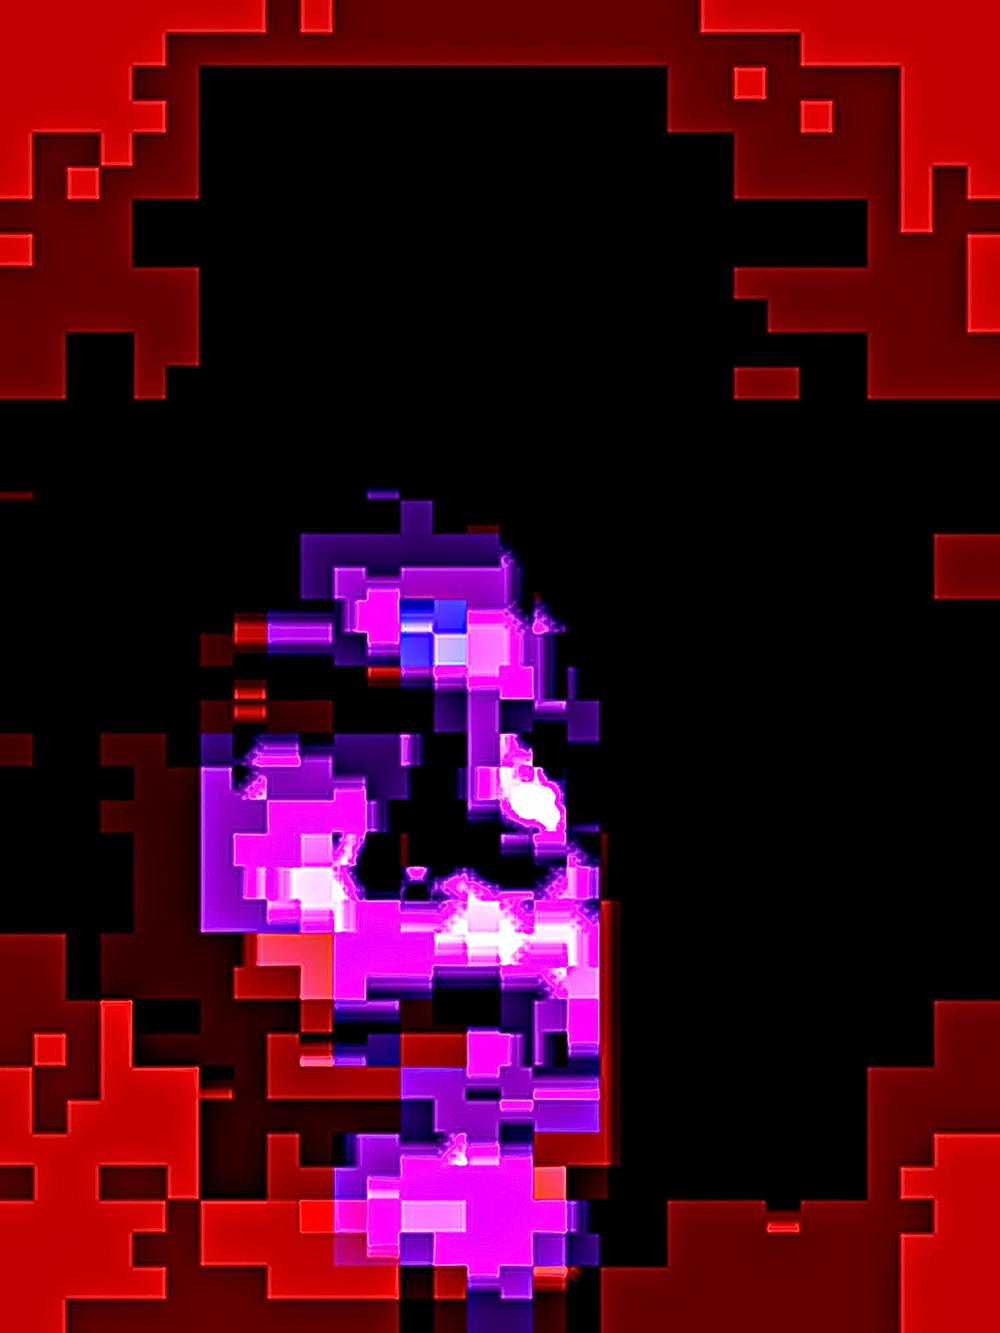 ILLUMINATED_06.jpg